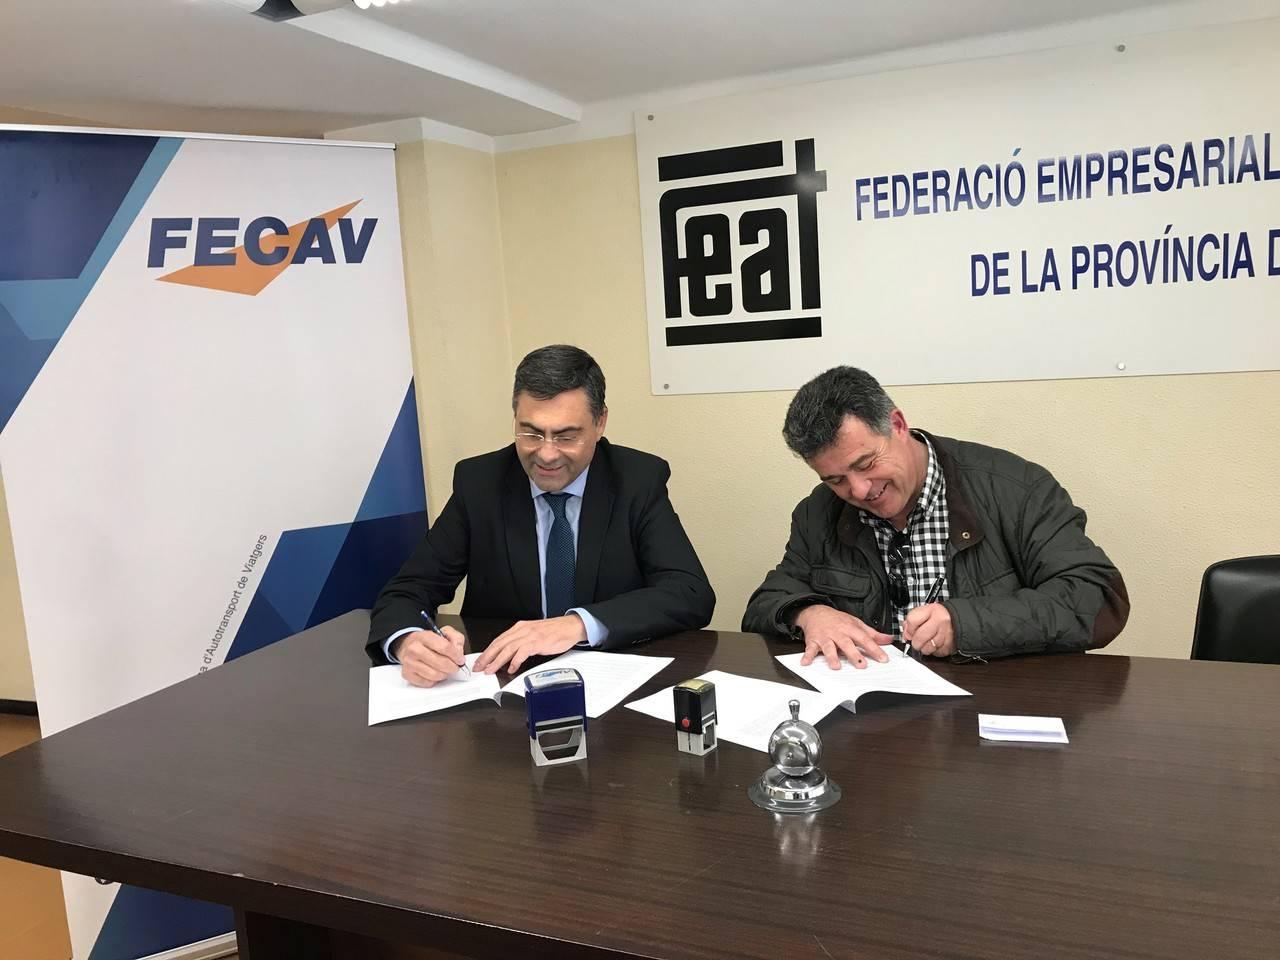 Feat se adhiere a Fecav y pasa a representarla en Tarragona